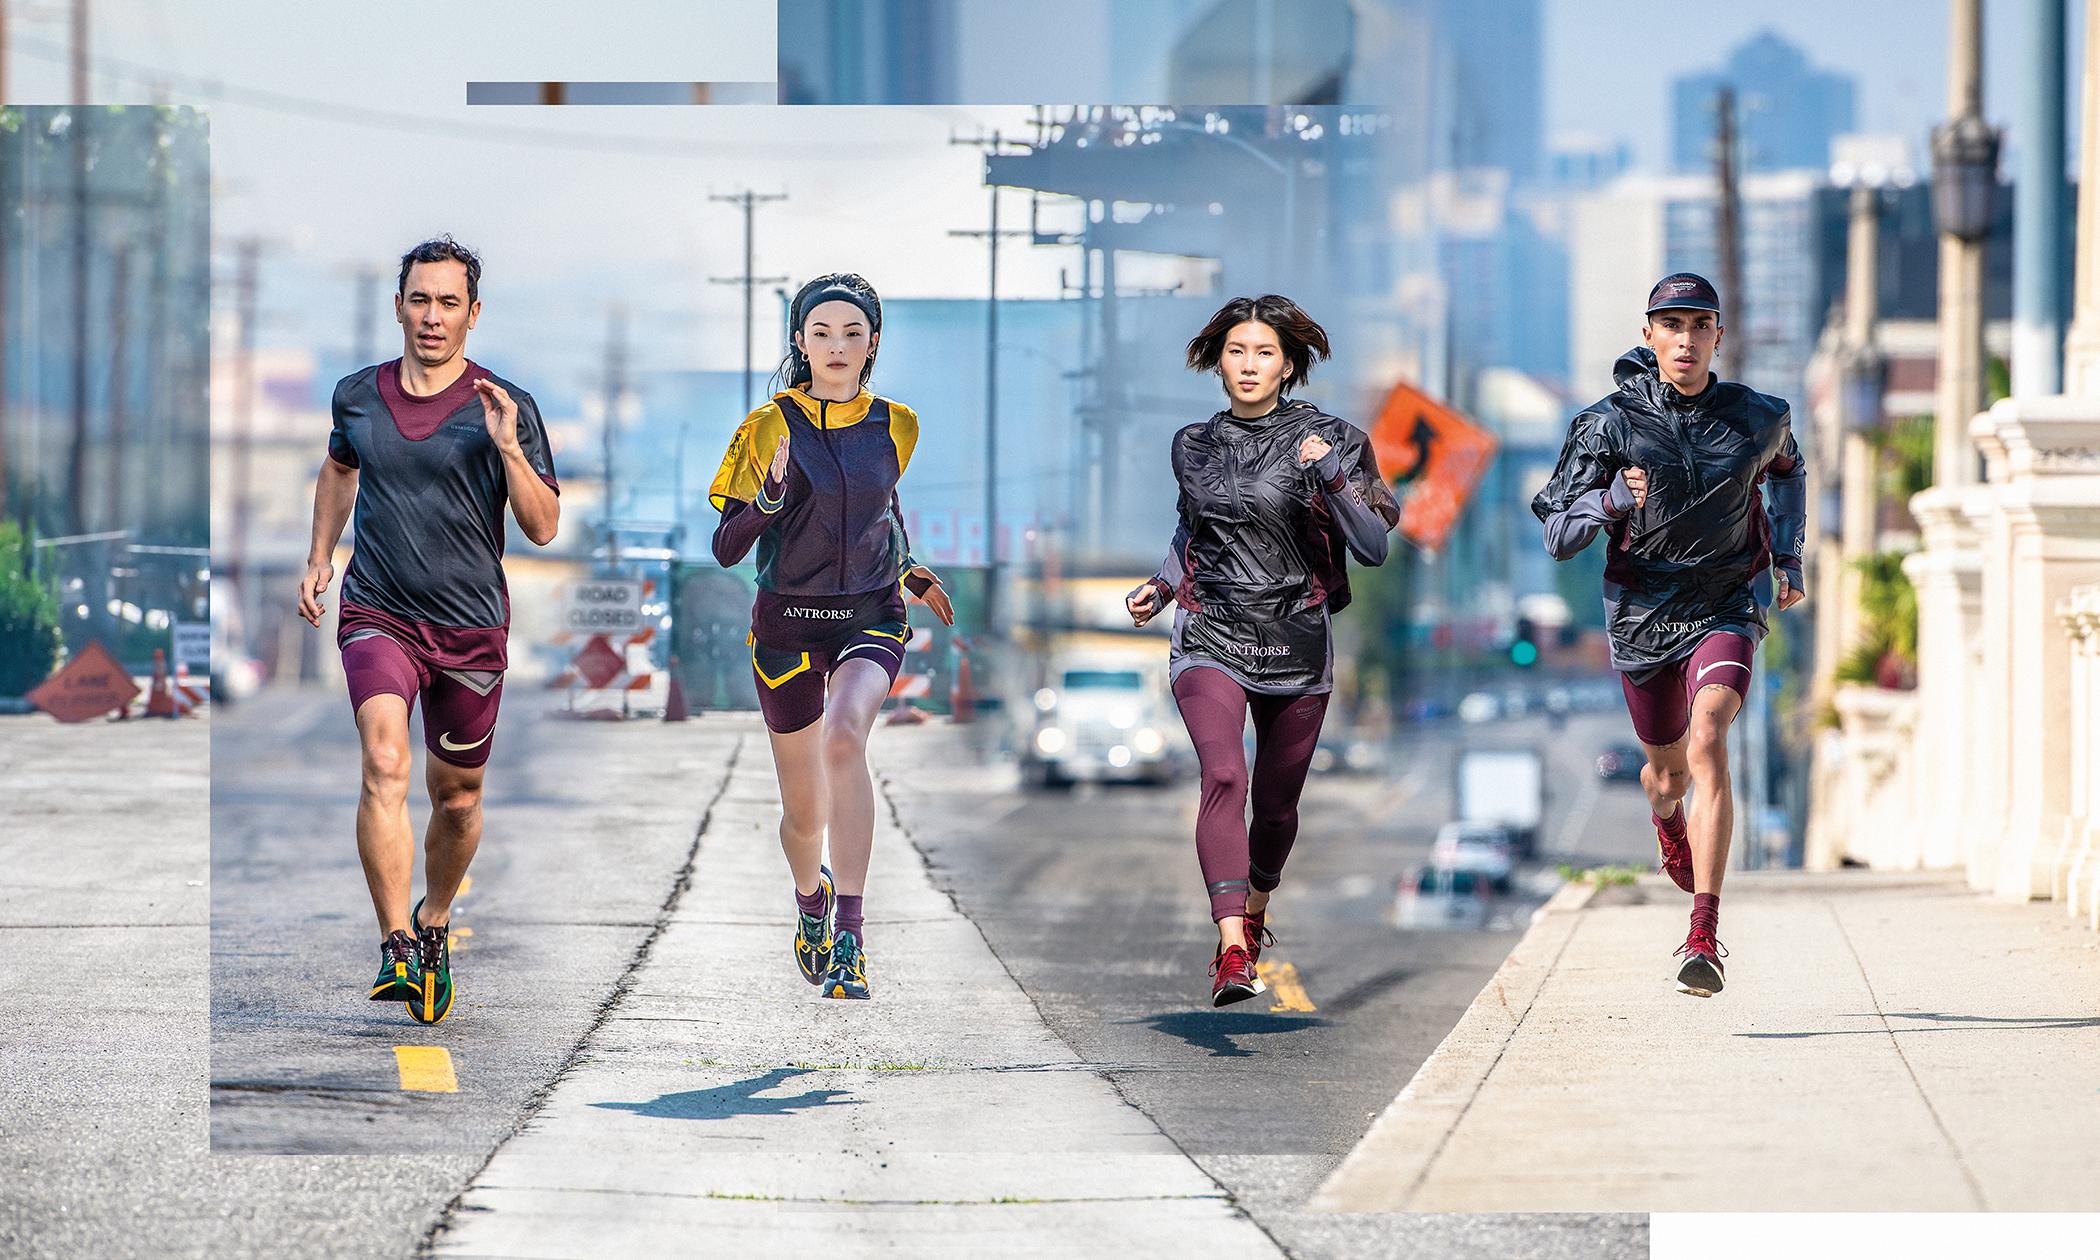 极致跑步乐趣,Nike GYAKUSOU 2019 春夏系列正式公布